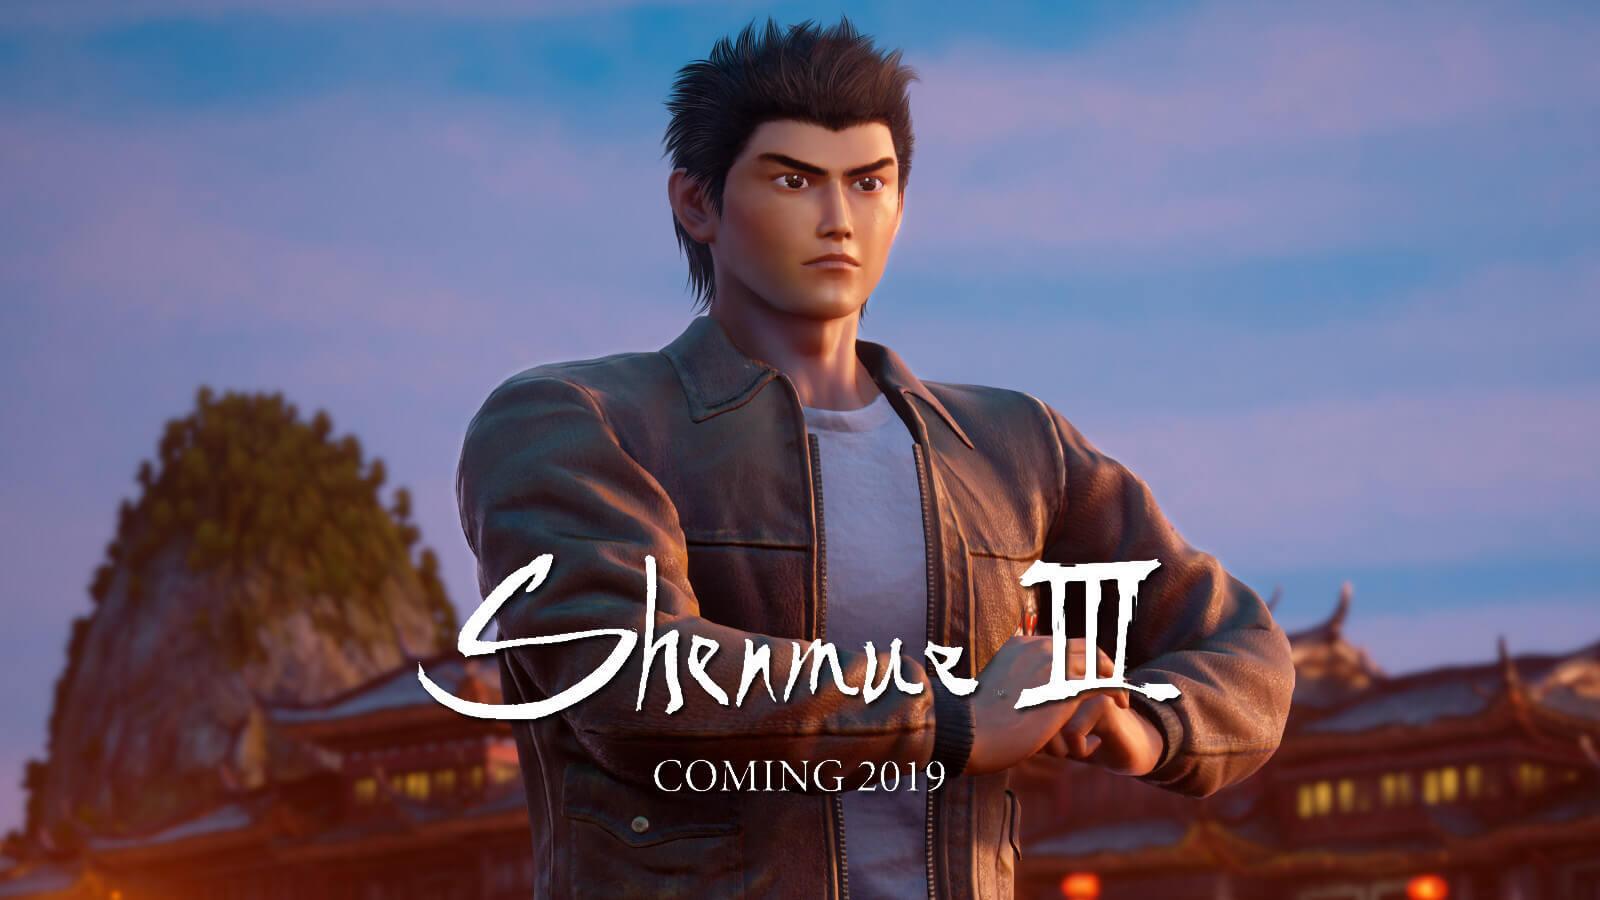 سازندگان Shenmue 3 در حال ارزیابی فروشگاه اپیک گیمز هستند